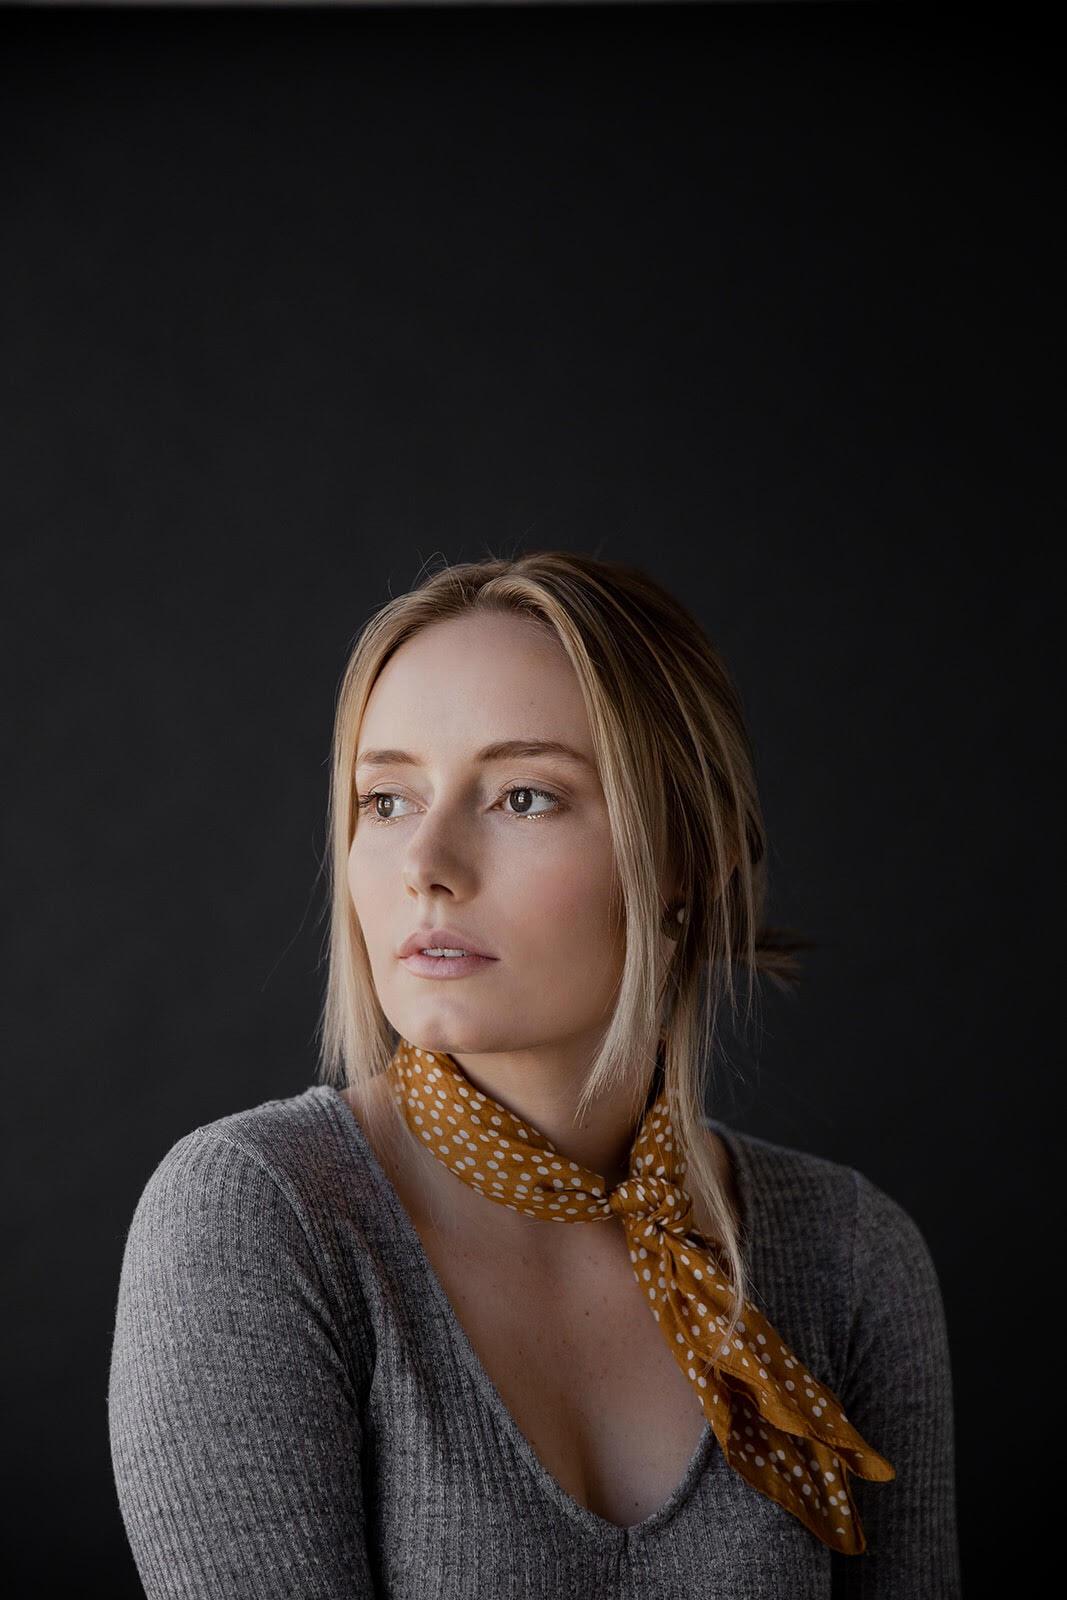 Photographer: Steph Kirk  Model: Eden Strader  Hair & Makeup: Abigail Hill